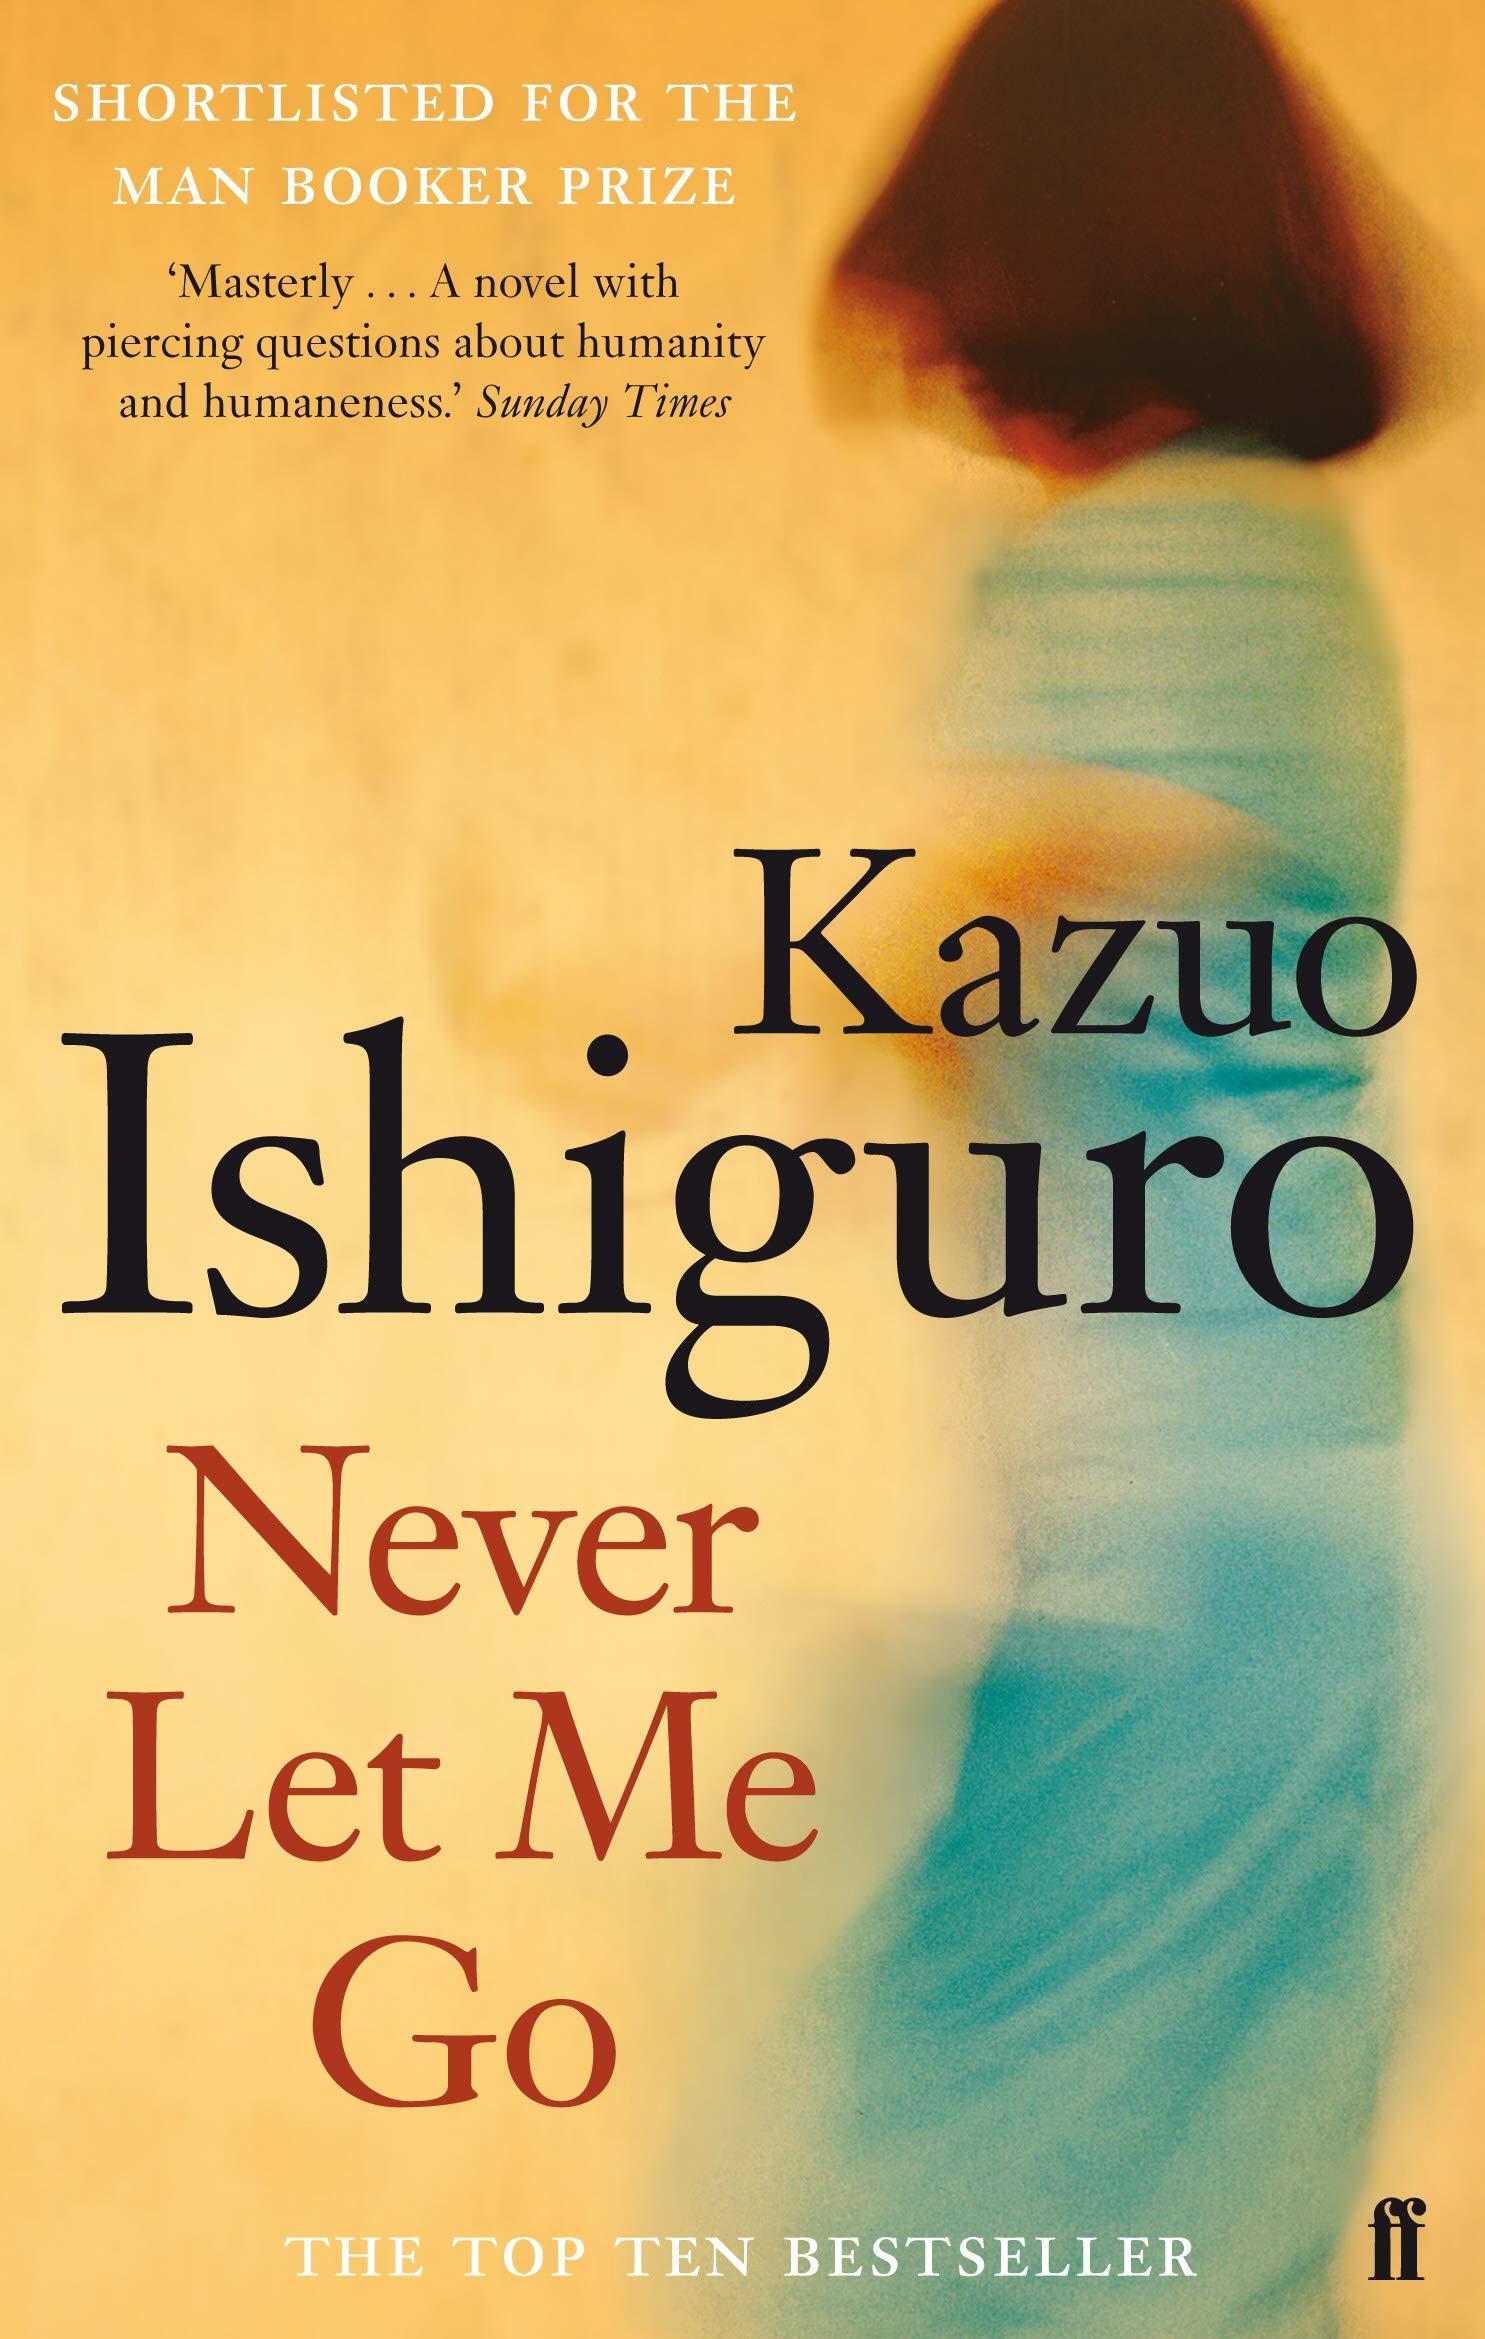 Never Let Me Go: Amazon.co.uk: Ishiguro, Kazuo: 9780571258093: Books